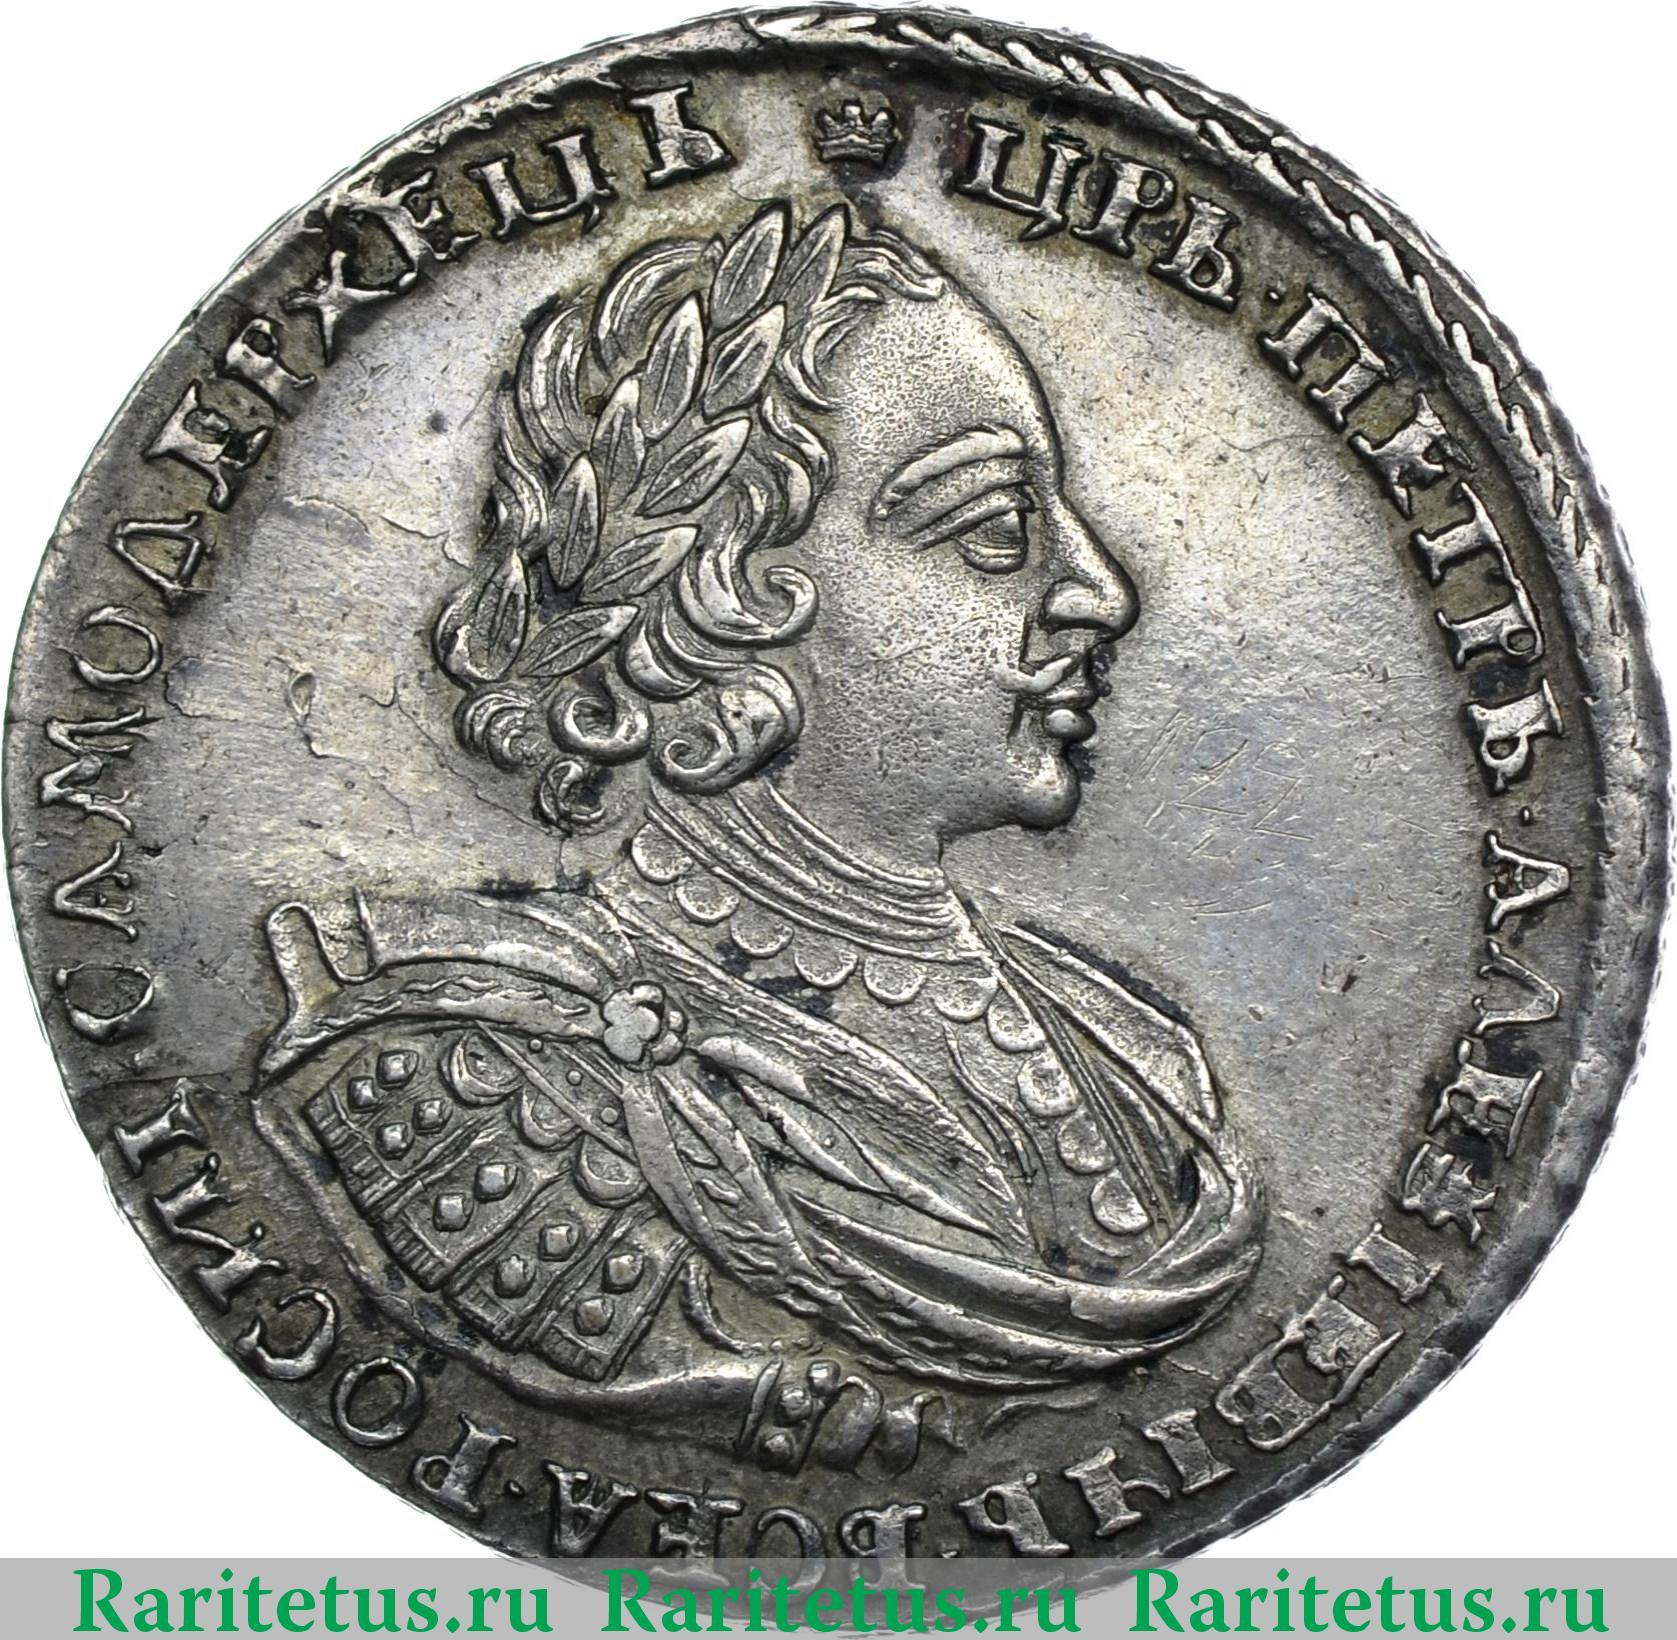 Монета серебряная царь петр рубль цена казахстан новые монеты 2017 года